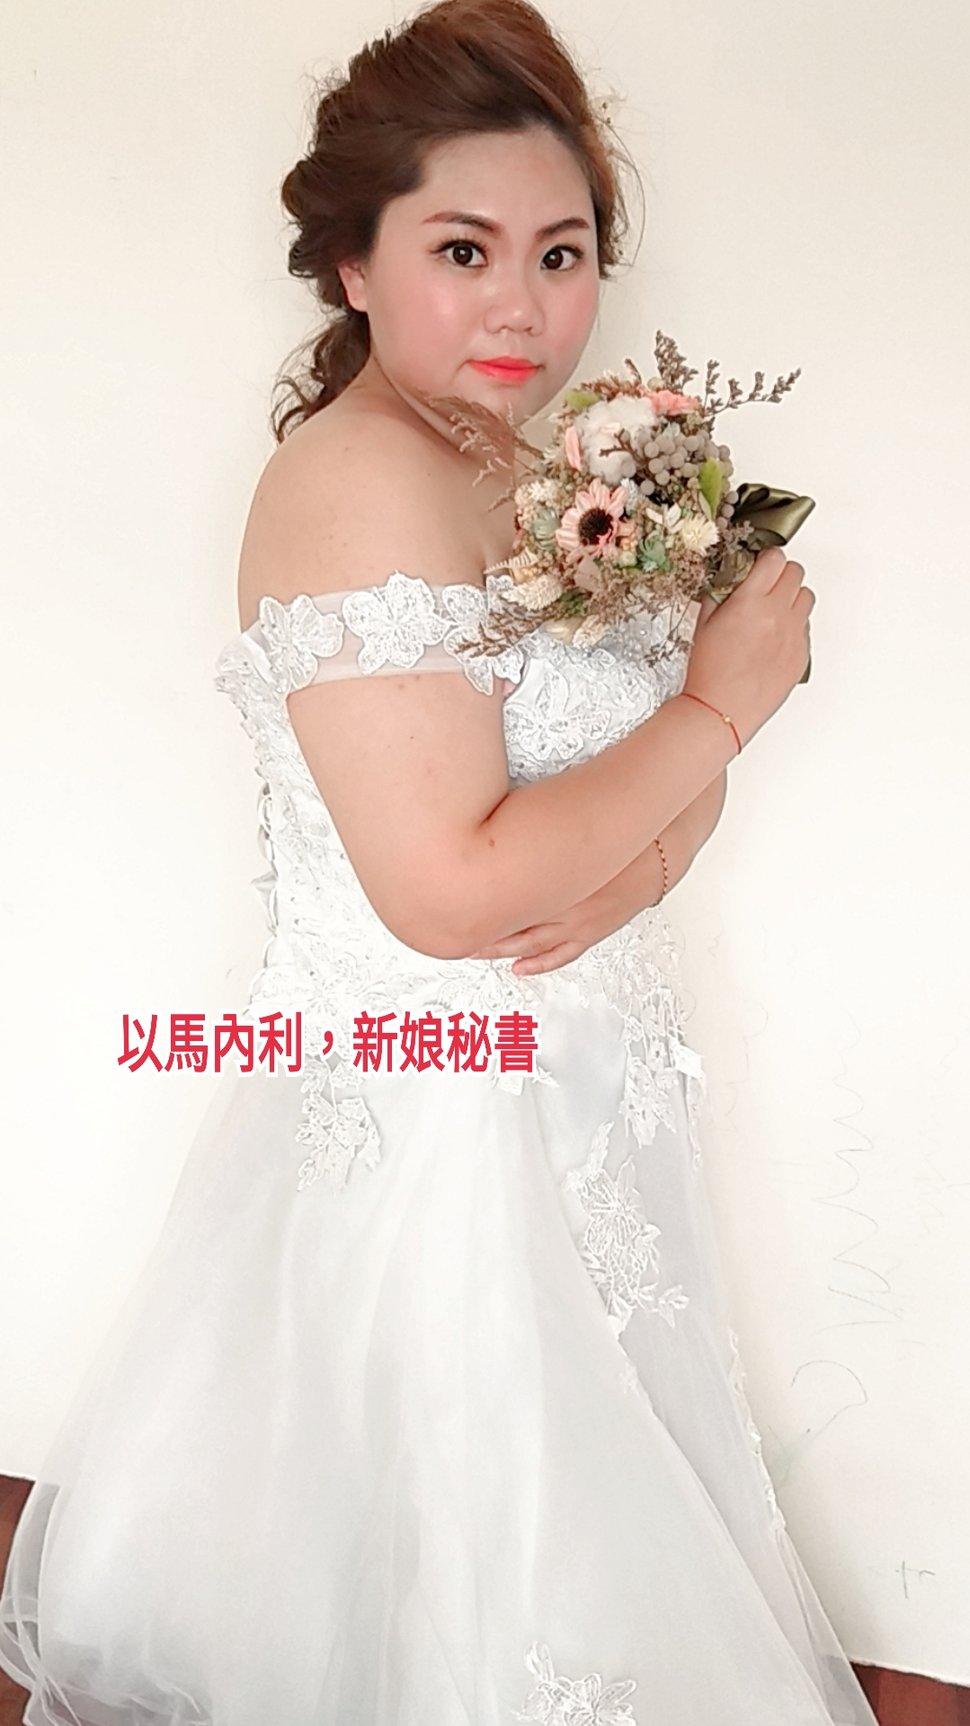 19-10-11-18-52-30-196_deco - 以馬內利,新娘秘書《結婚吧》